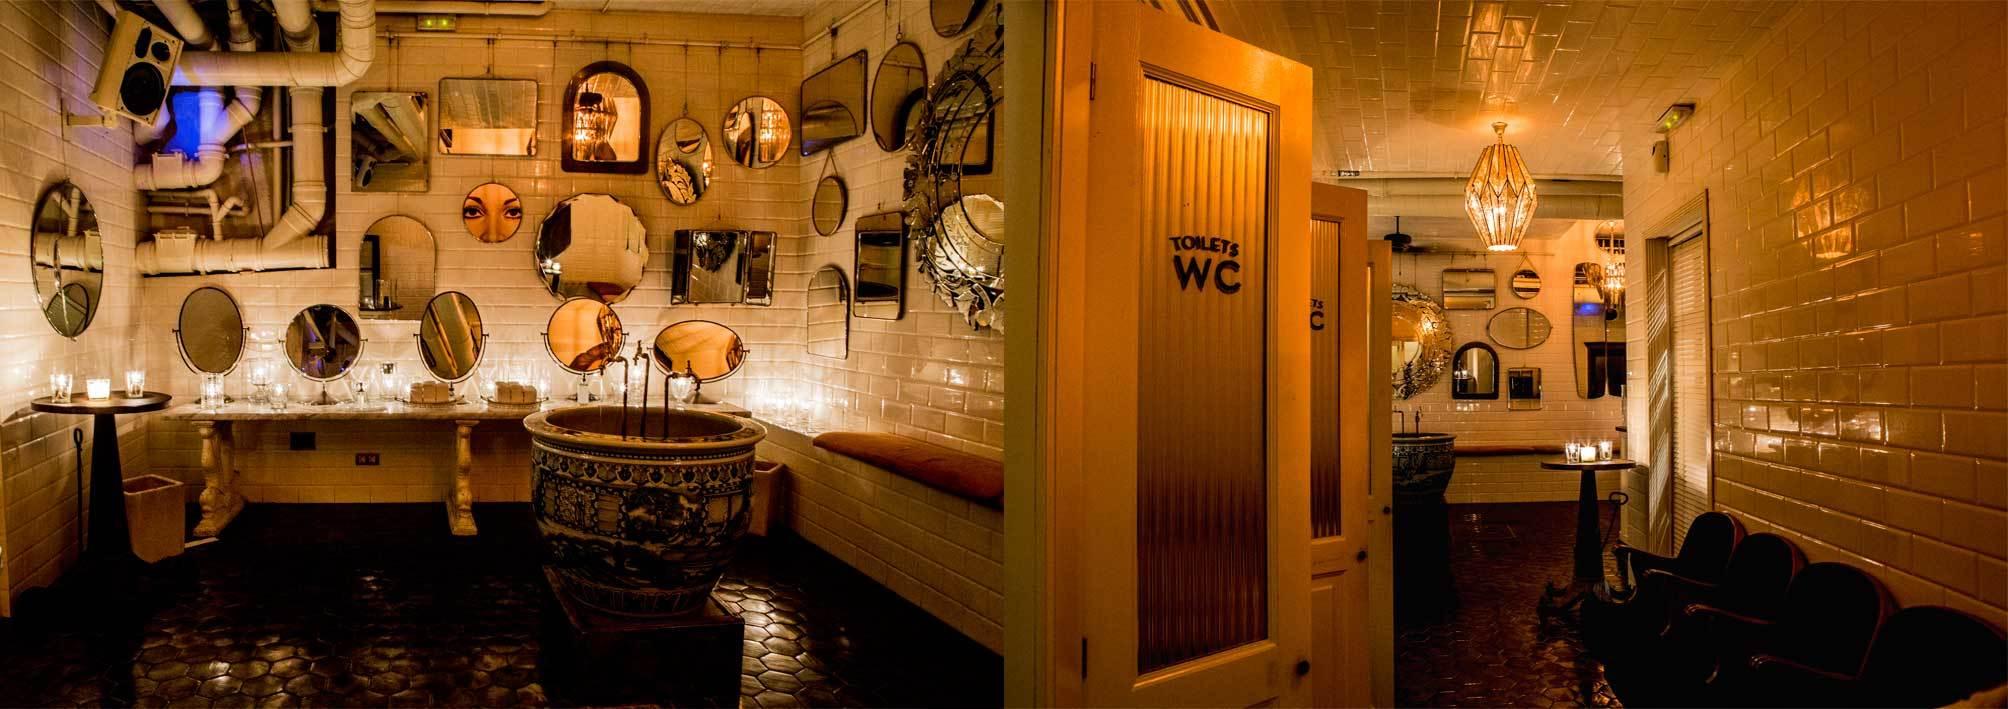 レストラン Boca Grande_b0064411_00150760.jpg